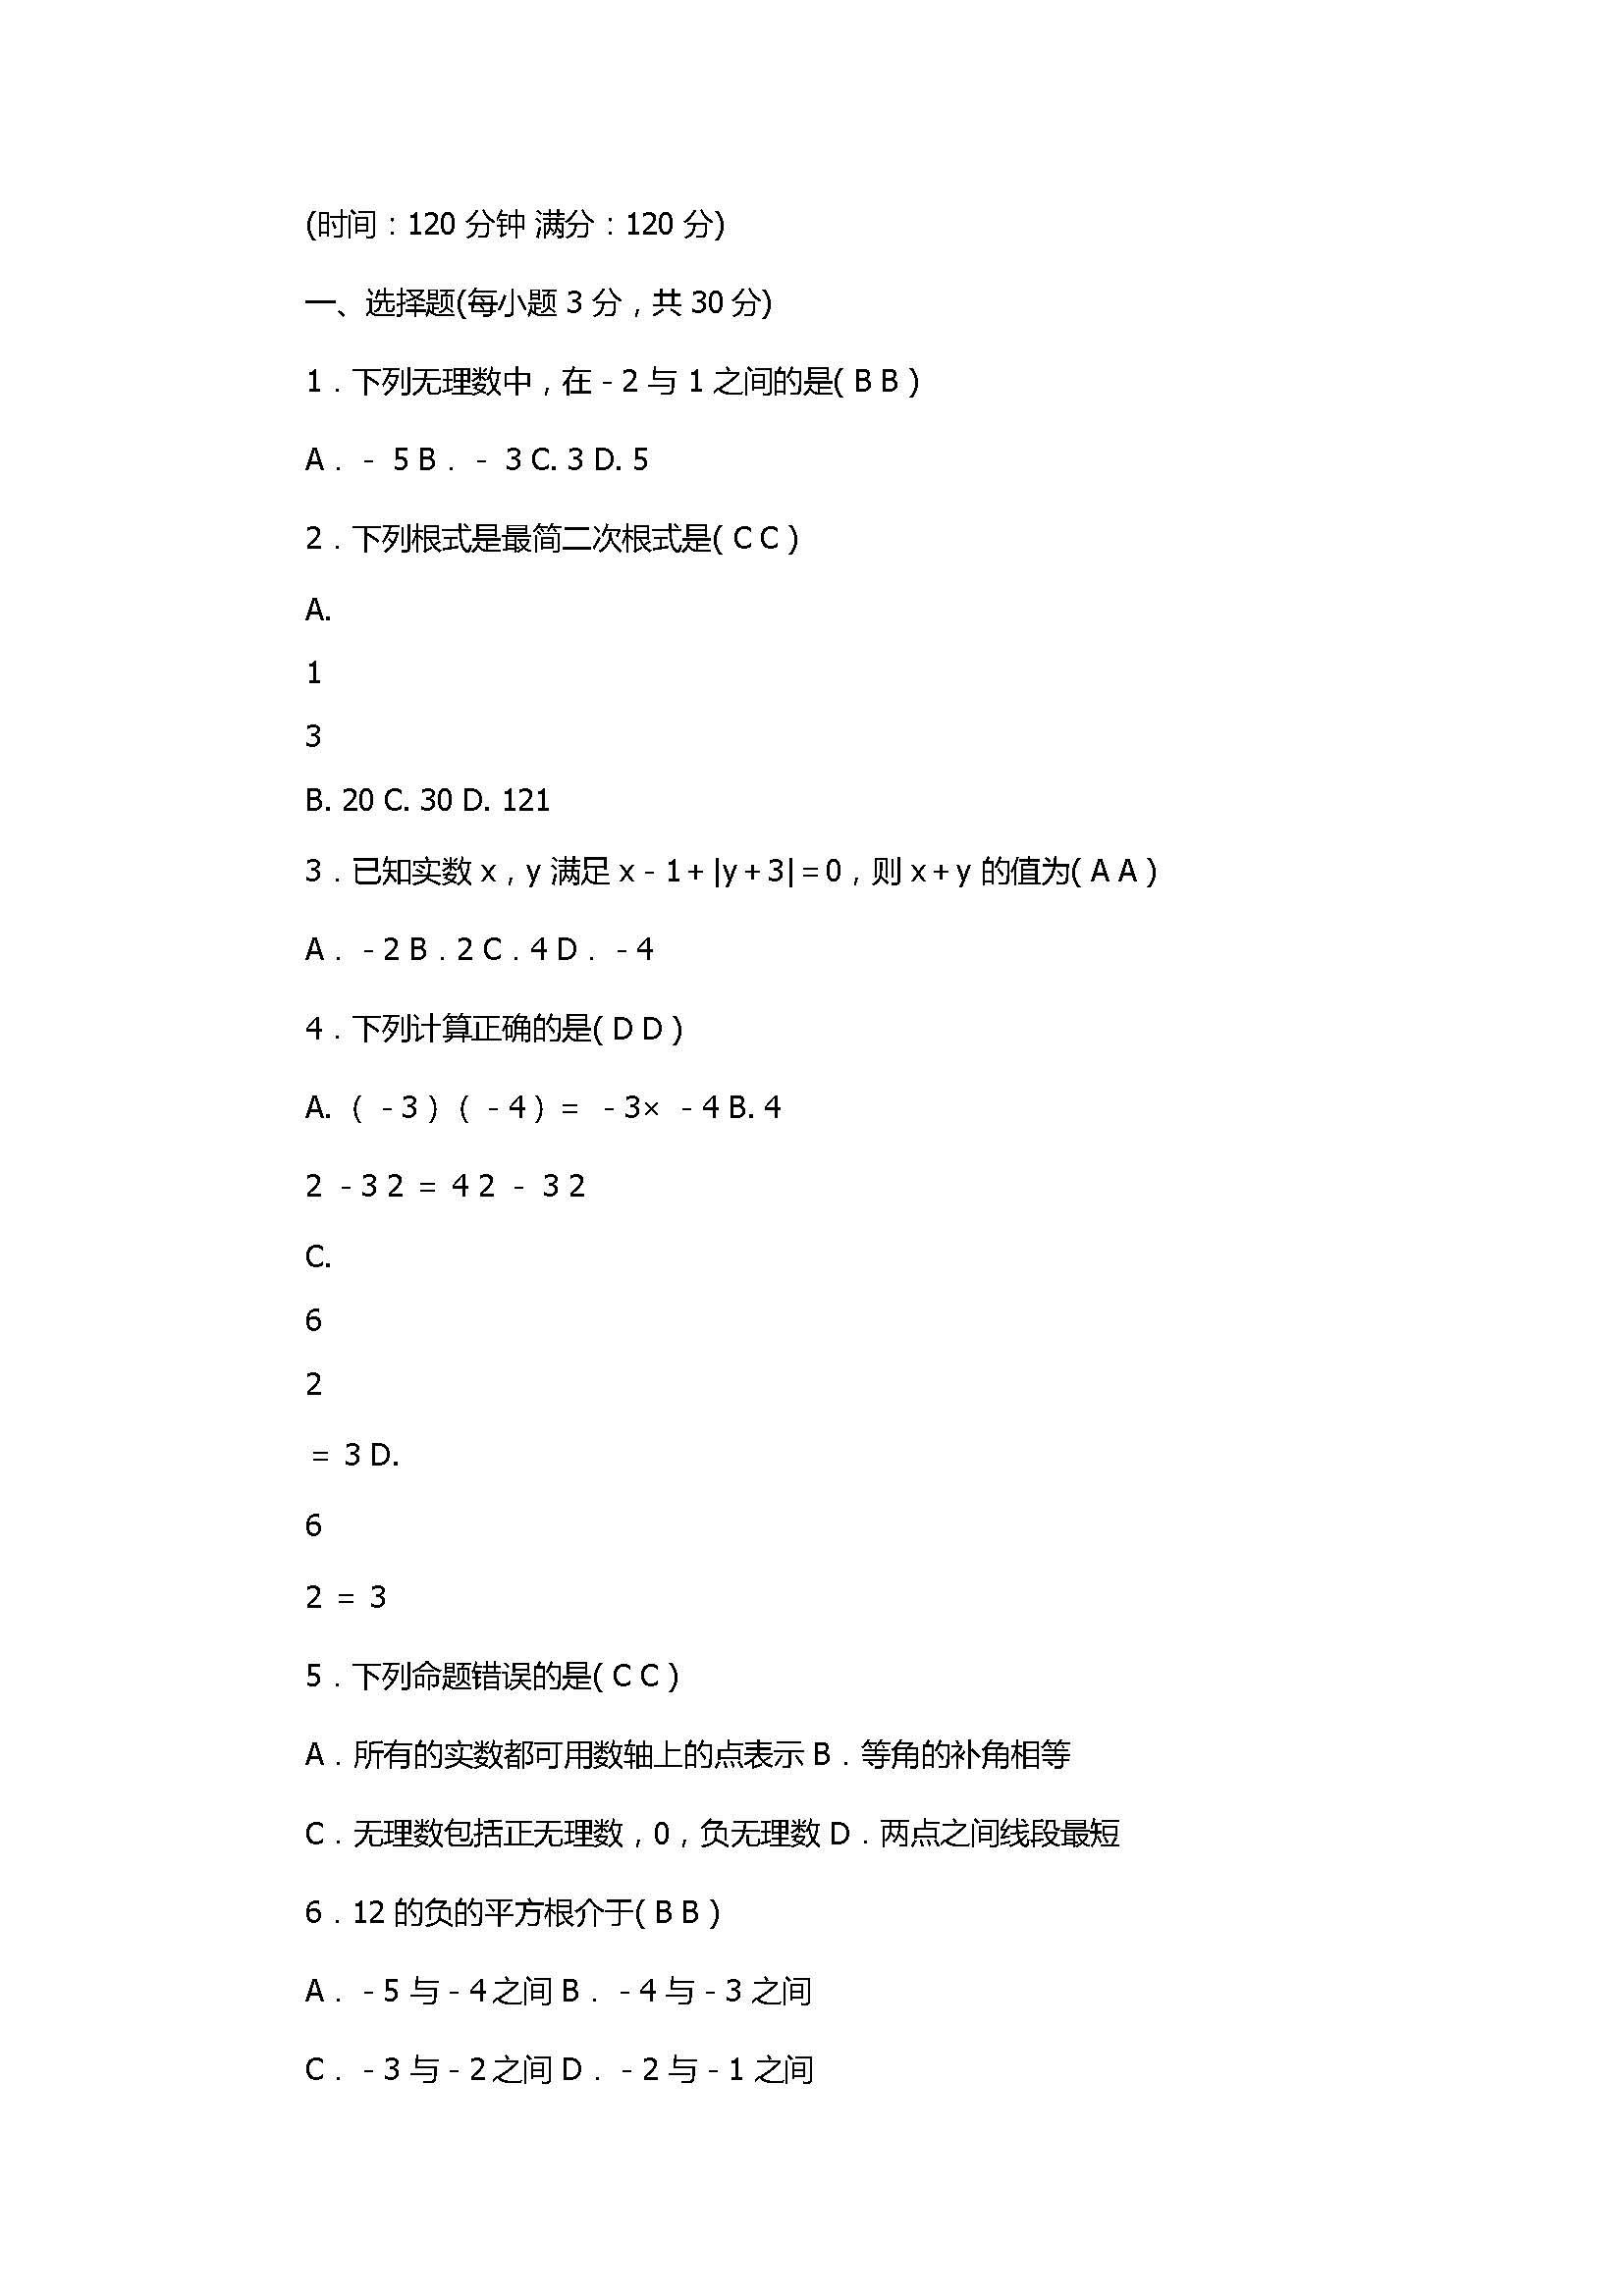 2017八年级上册数学第2章单元检测题附答案(北师大版)